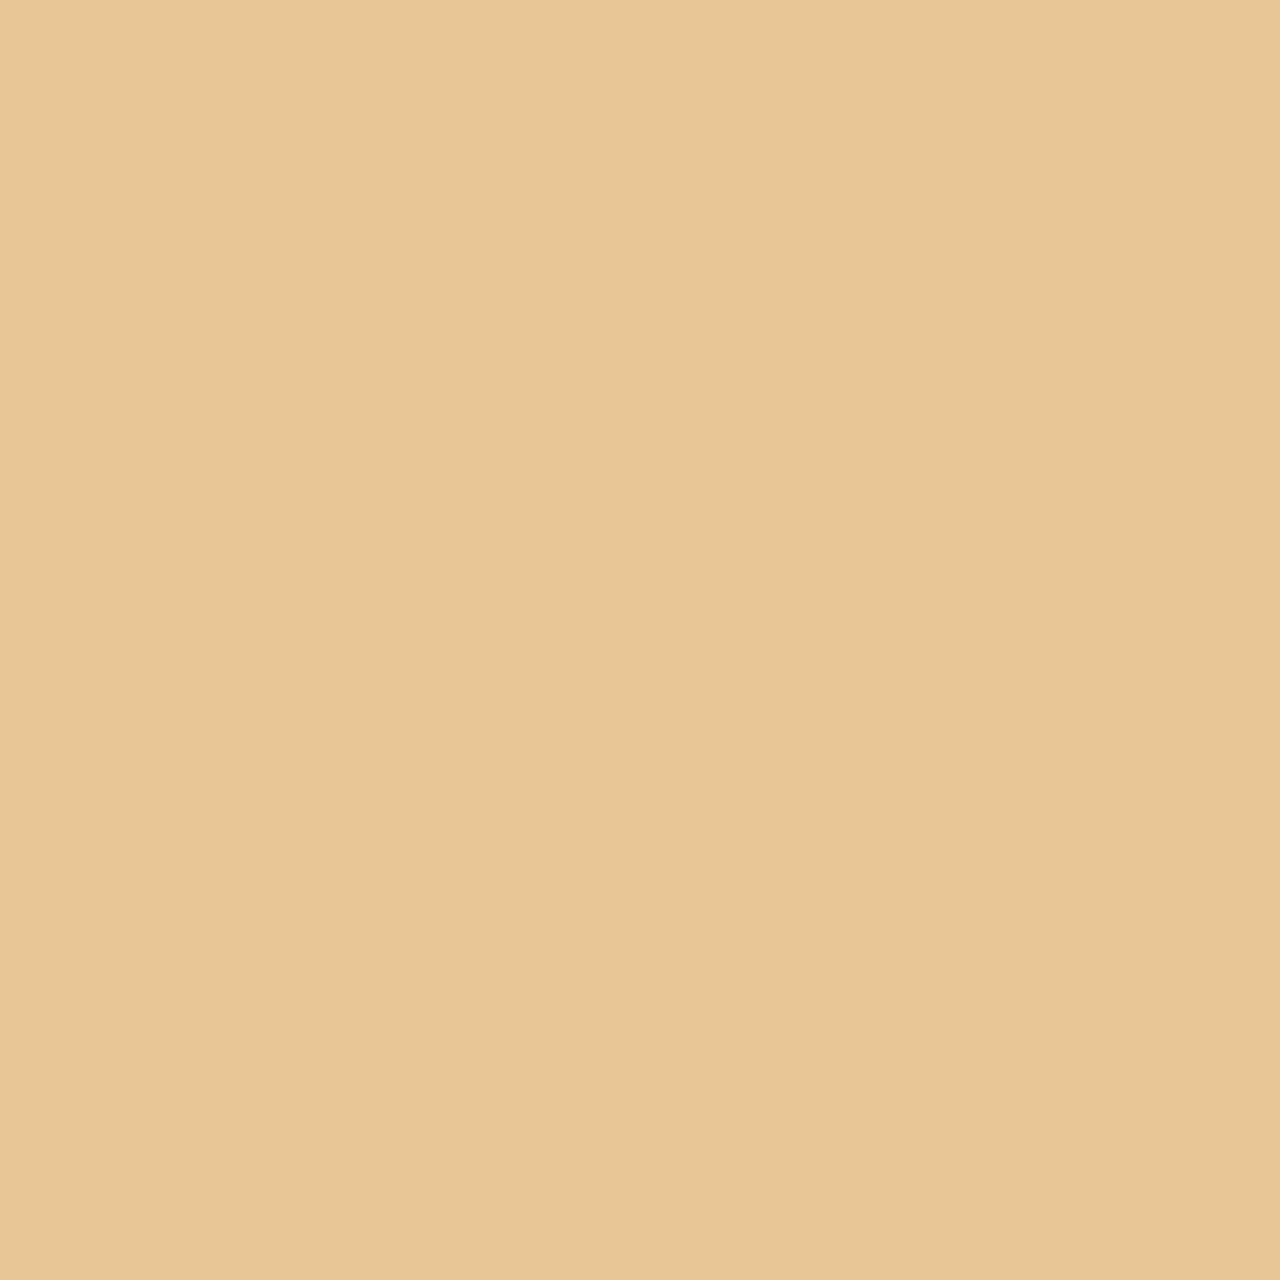 9053 Exclusiv